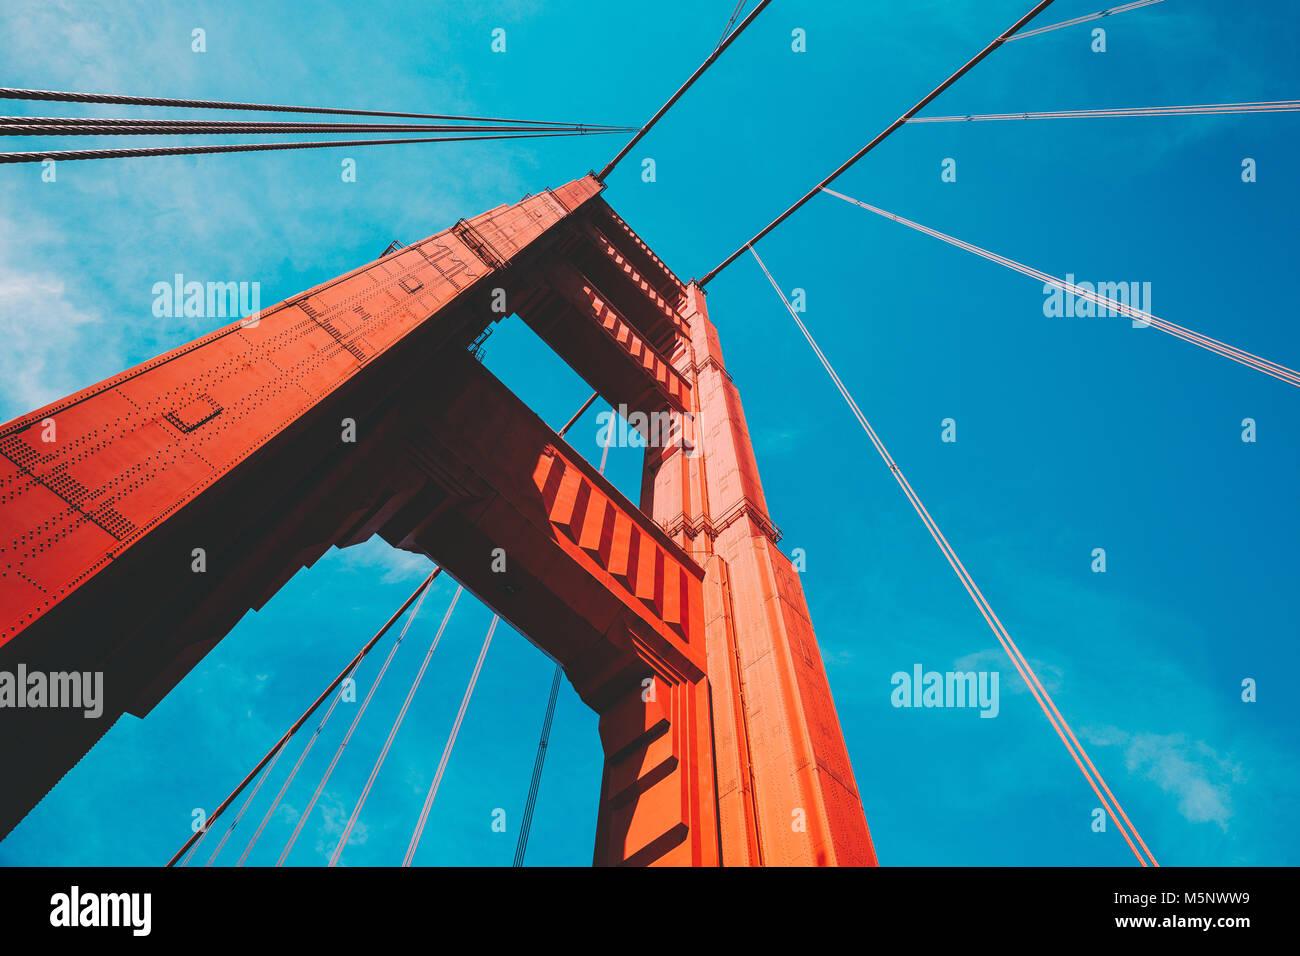 Hermosa vista de ángulo bajo del famoso puente Golden Gate con el cielo azul y las nubes en un día soleado Imagen De Stock